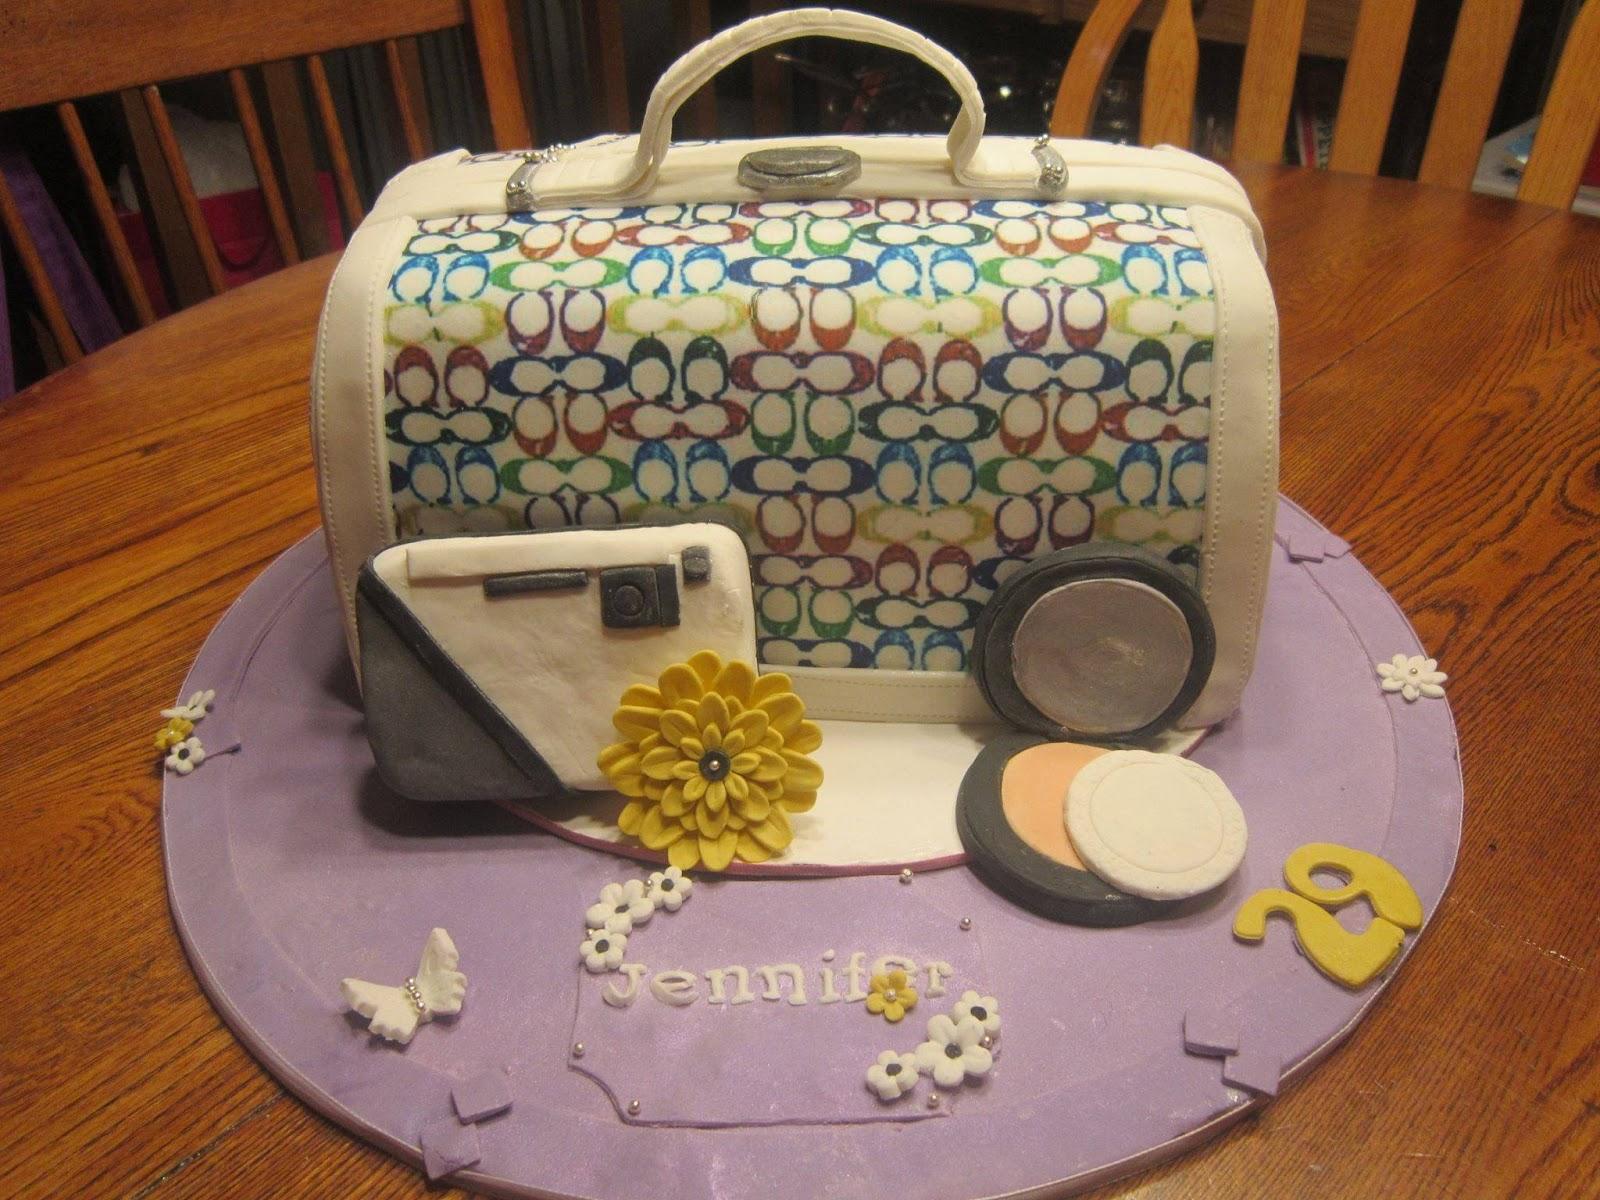 Designer Handbag Coach Purse Cake